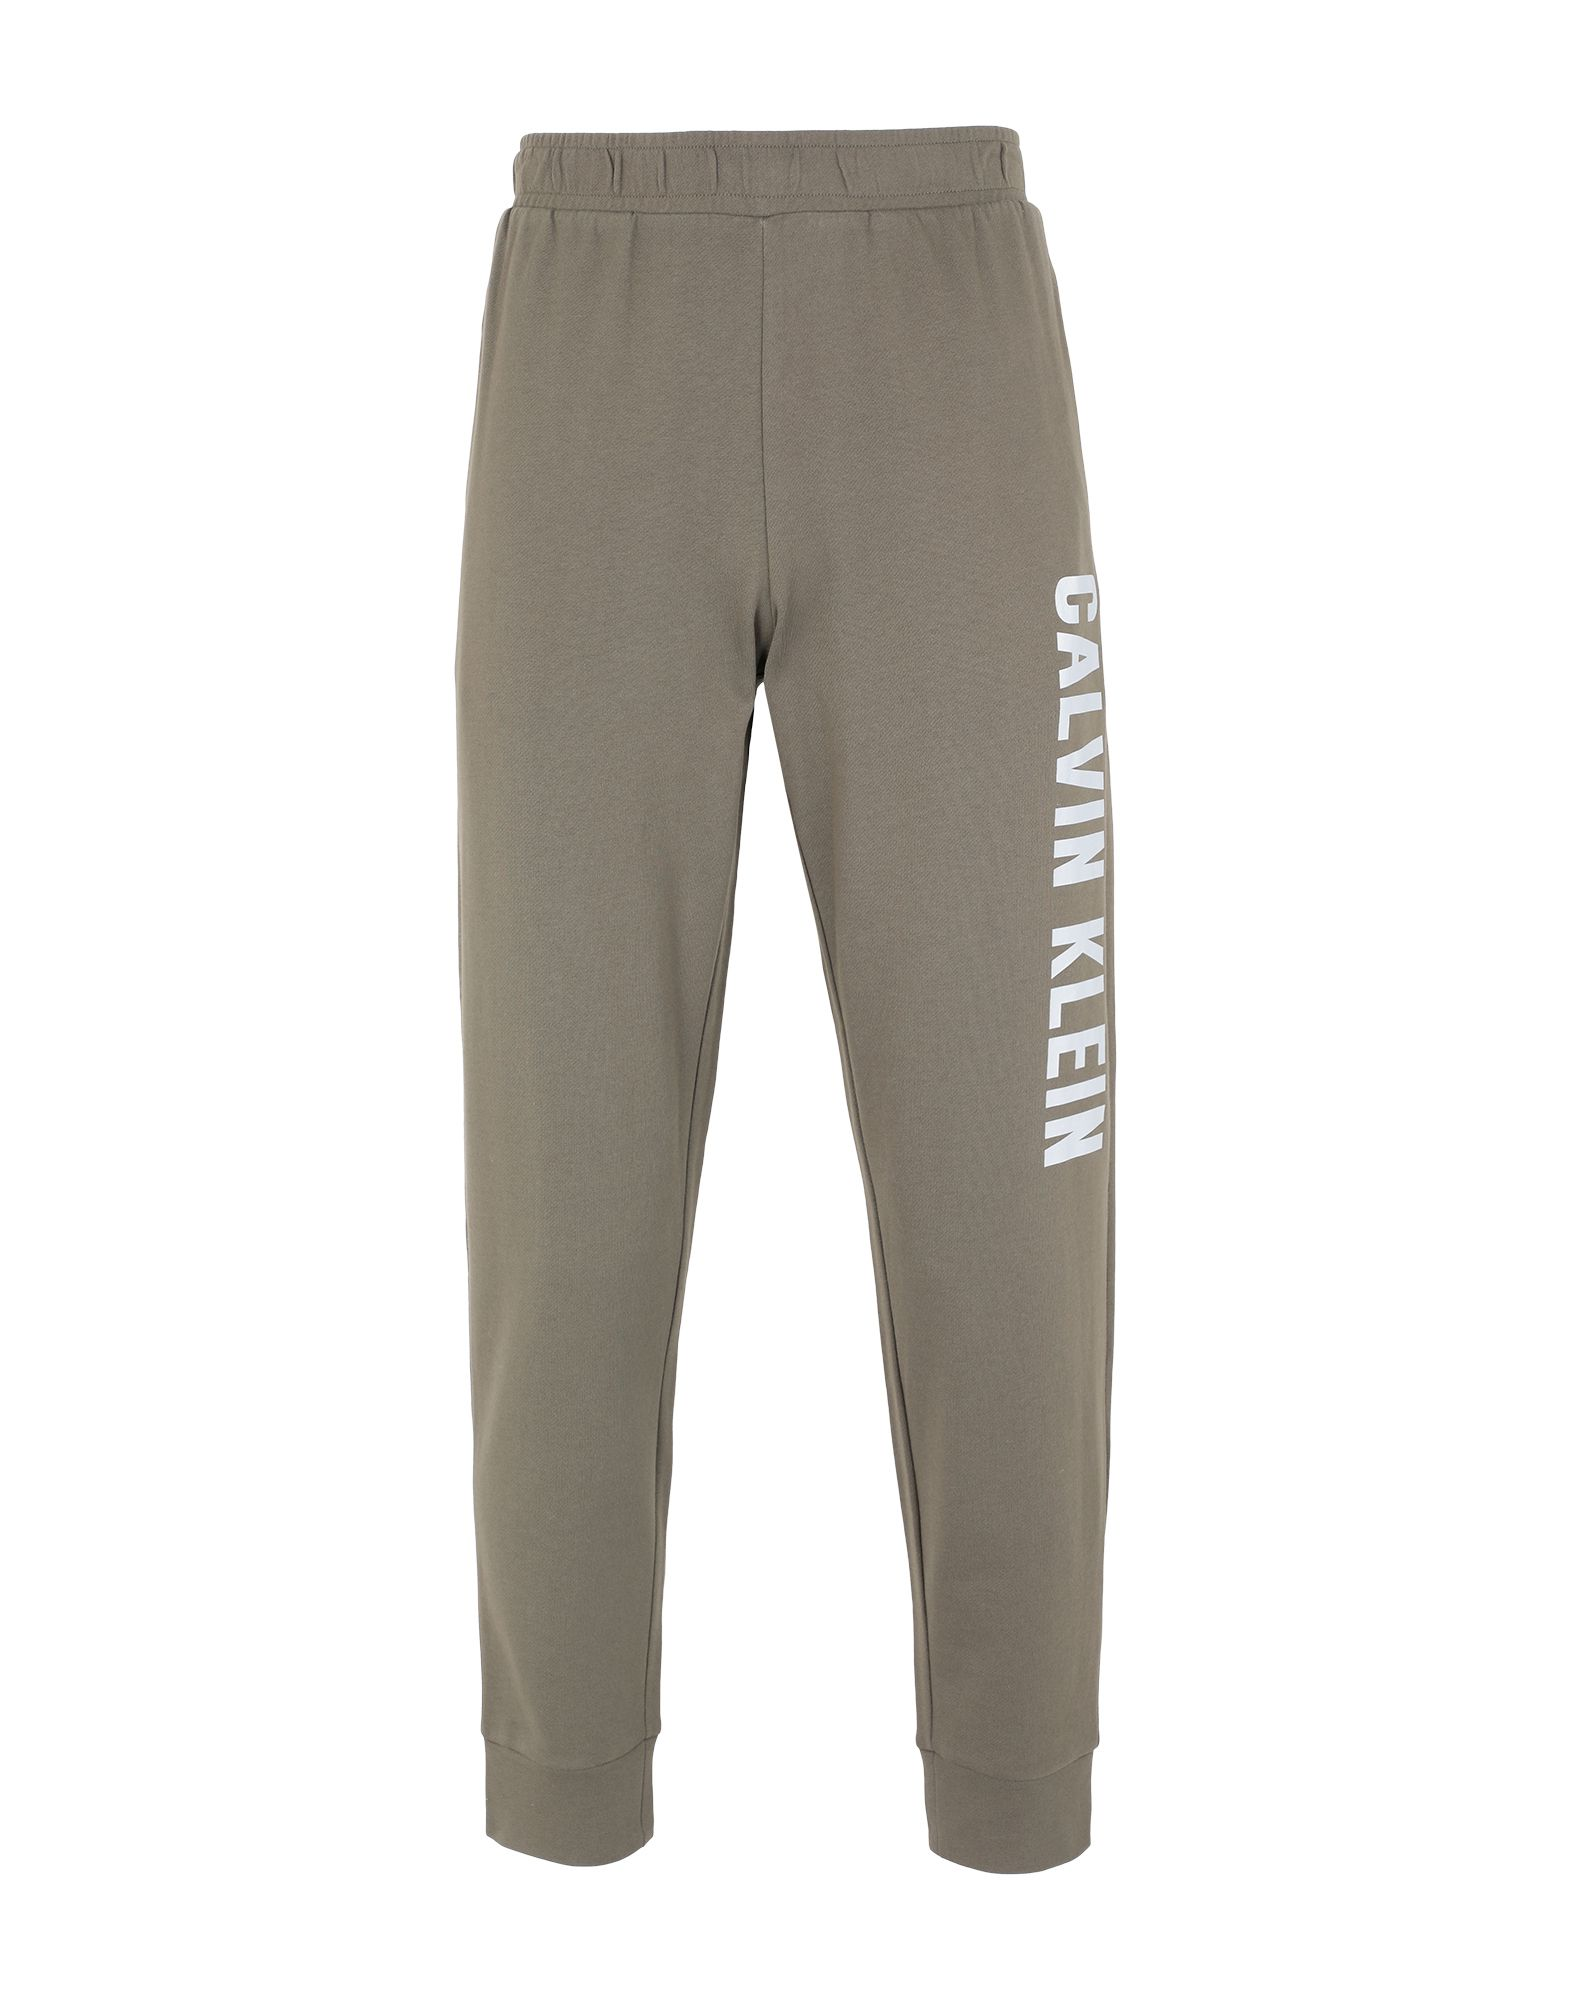 《セール開催中》CALVIN KLEIN PERFORMANCE メンズ パンツ ミリタリーグリーン S コットン 100% KNIT PANTS